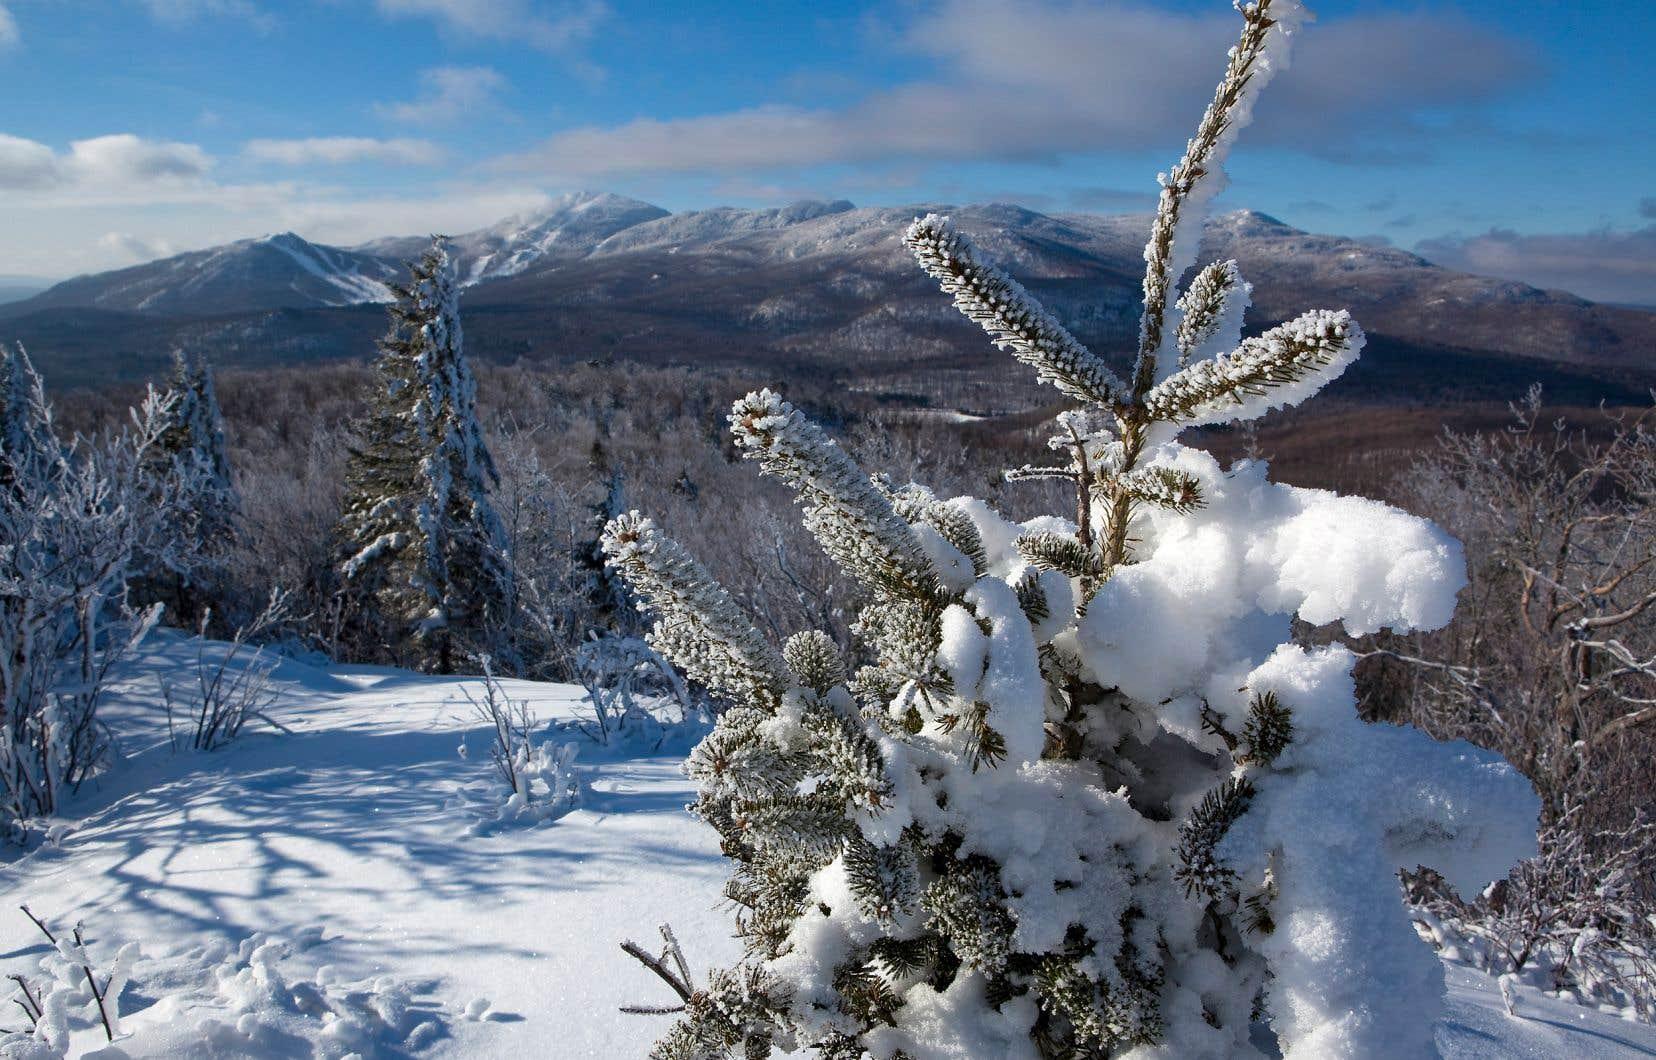 Mille choses à faire pour toute la famille: marche, raquette, glissade, ski de fond, trottinette des neiges, «fatbike», photo, pique-nique, observation d'oiseaux, contemplation...